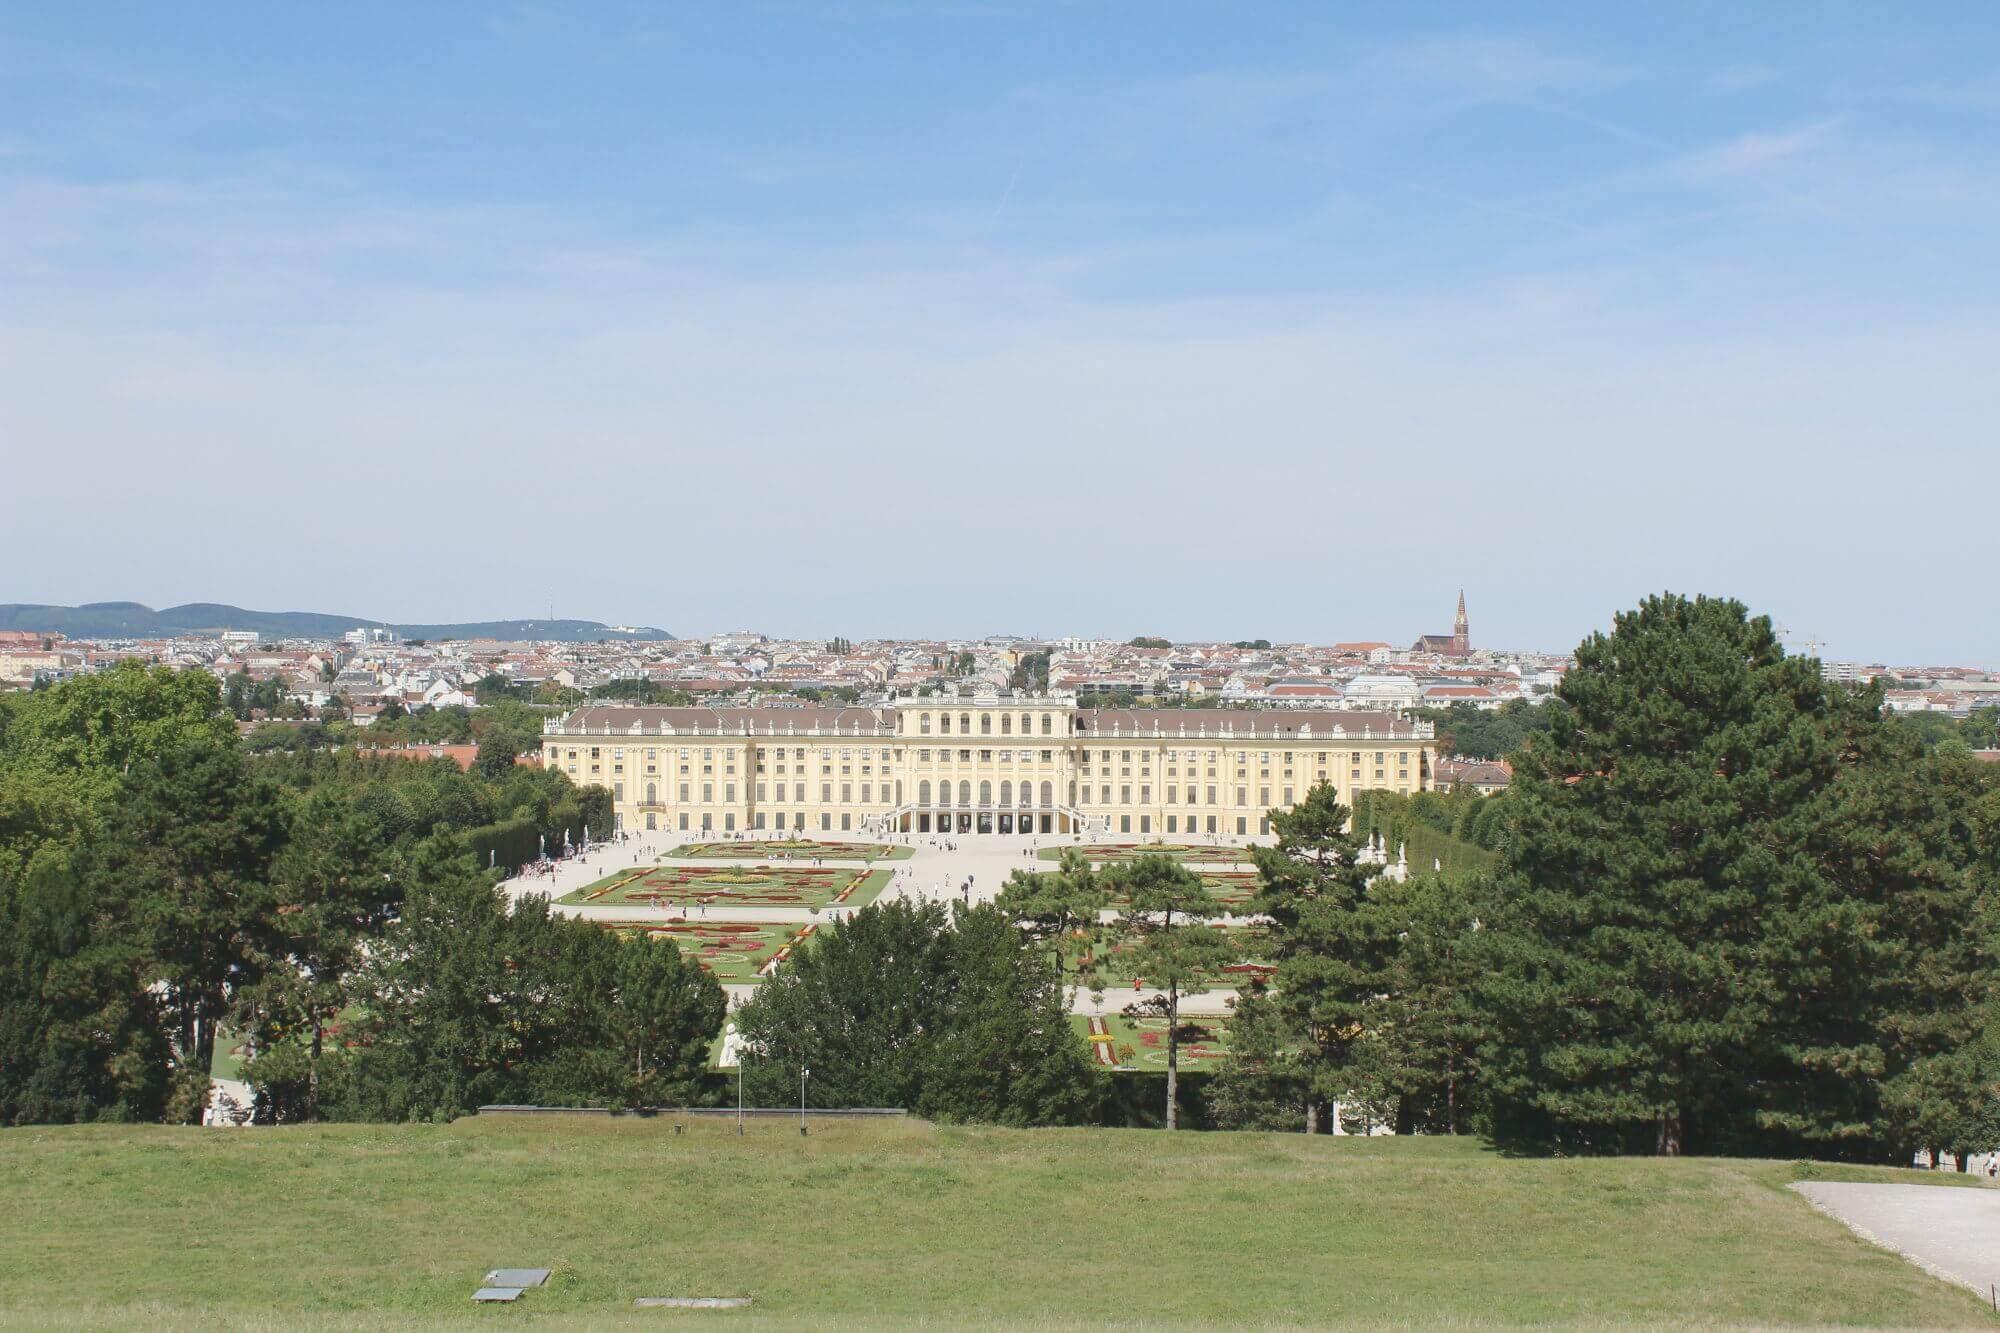 Wien-Tipp: Ausblich von Gloriette auf das Schloss Schönbrunn mit Gärten in Wien